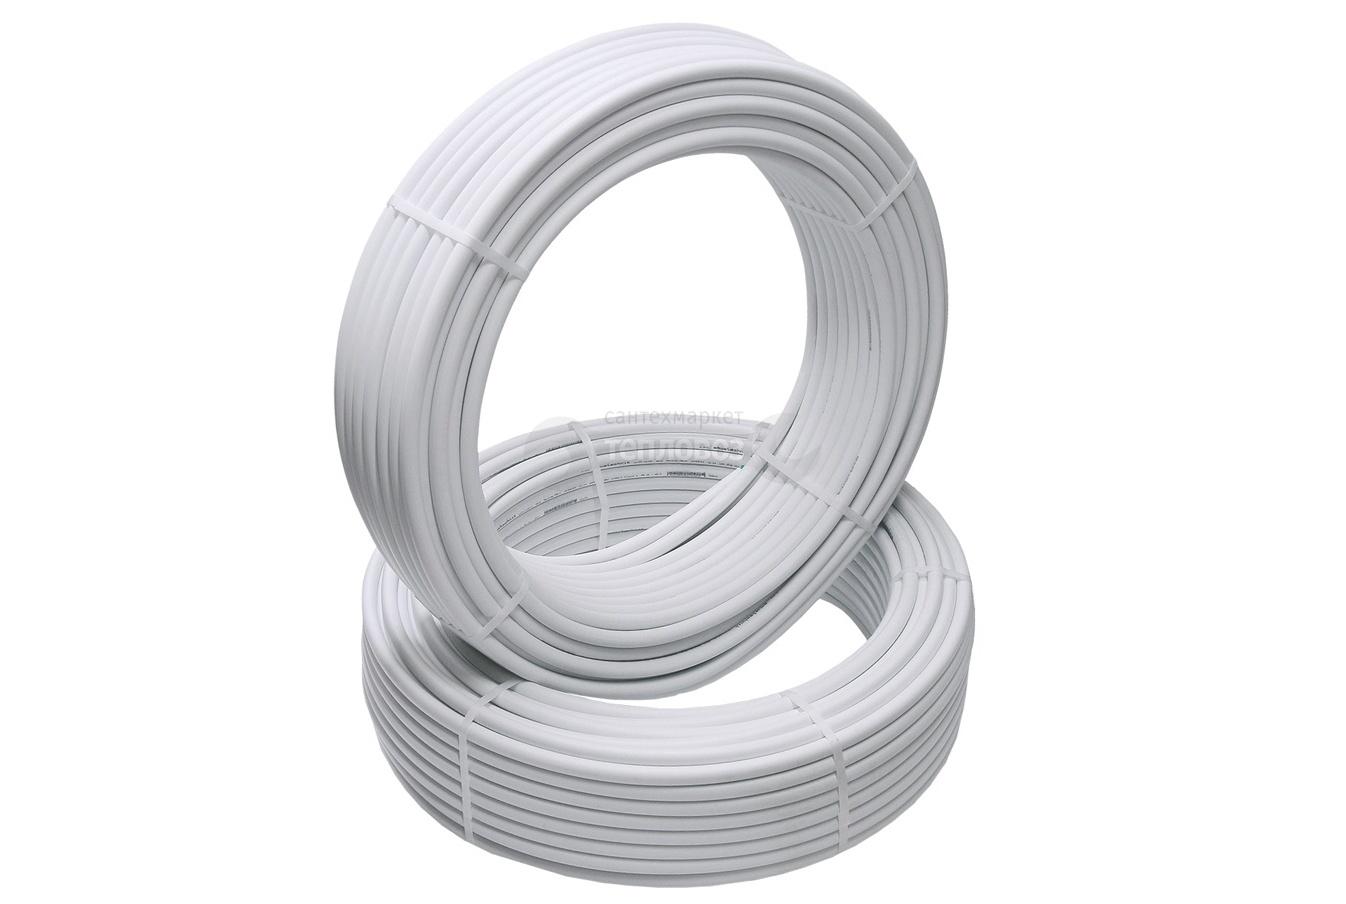 Купить Lavita ECO pipe ЕВРО 20 мм (1/100м) в интернет-магазине Дождь